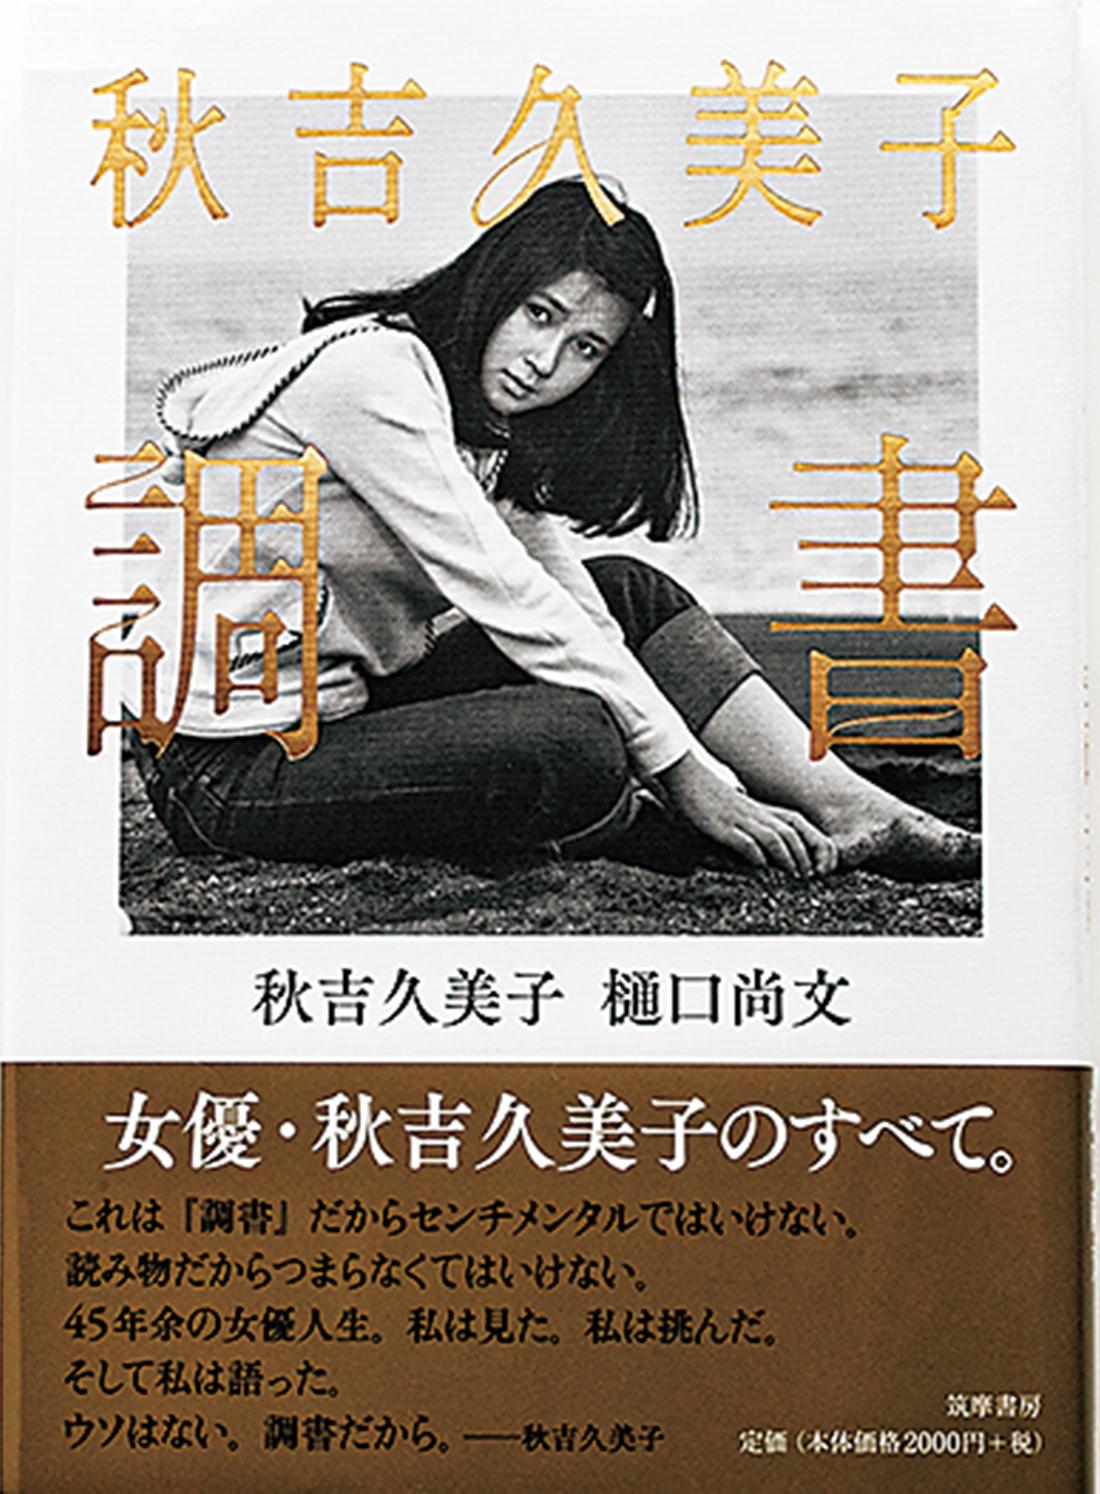 『秋吉久美子 調書』